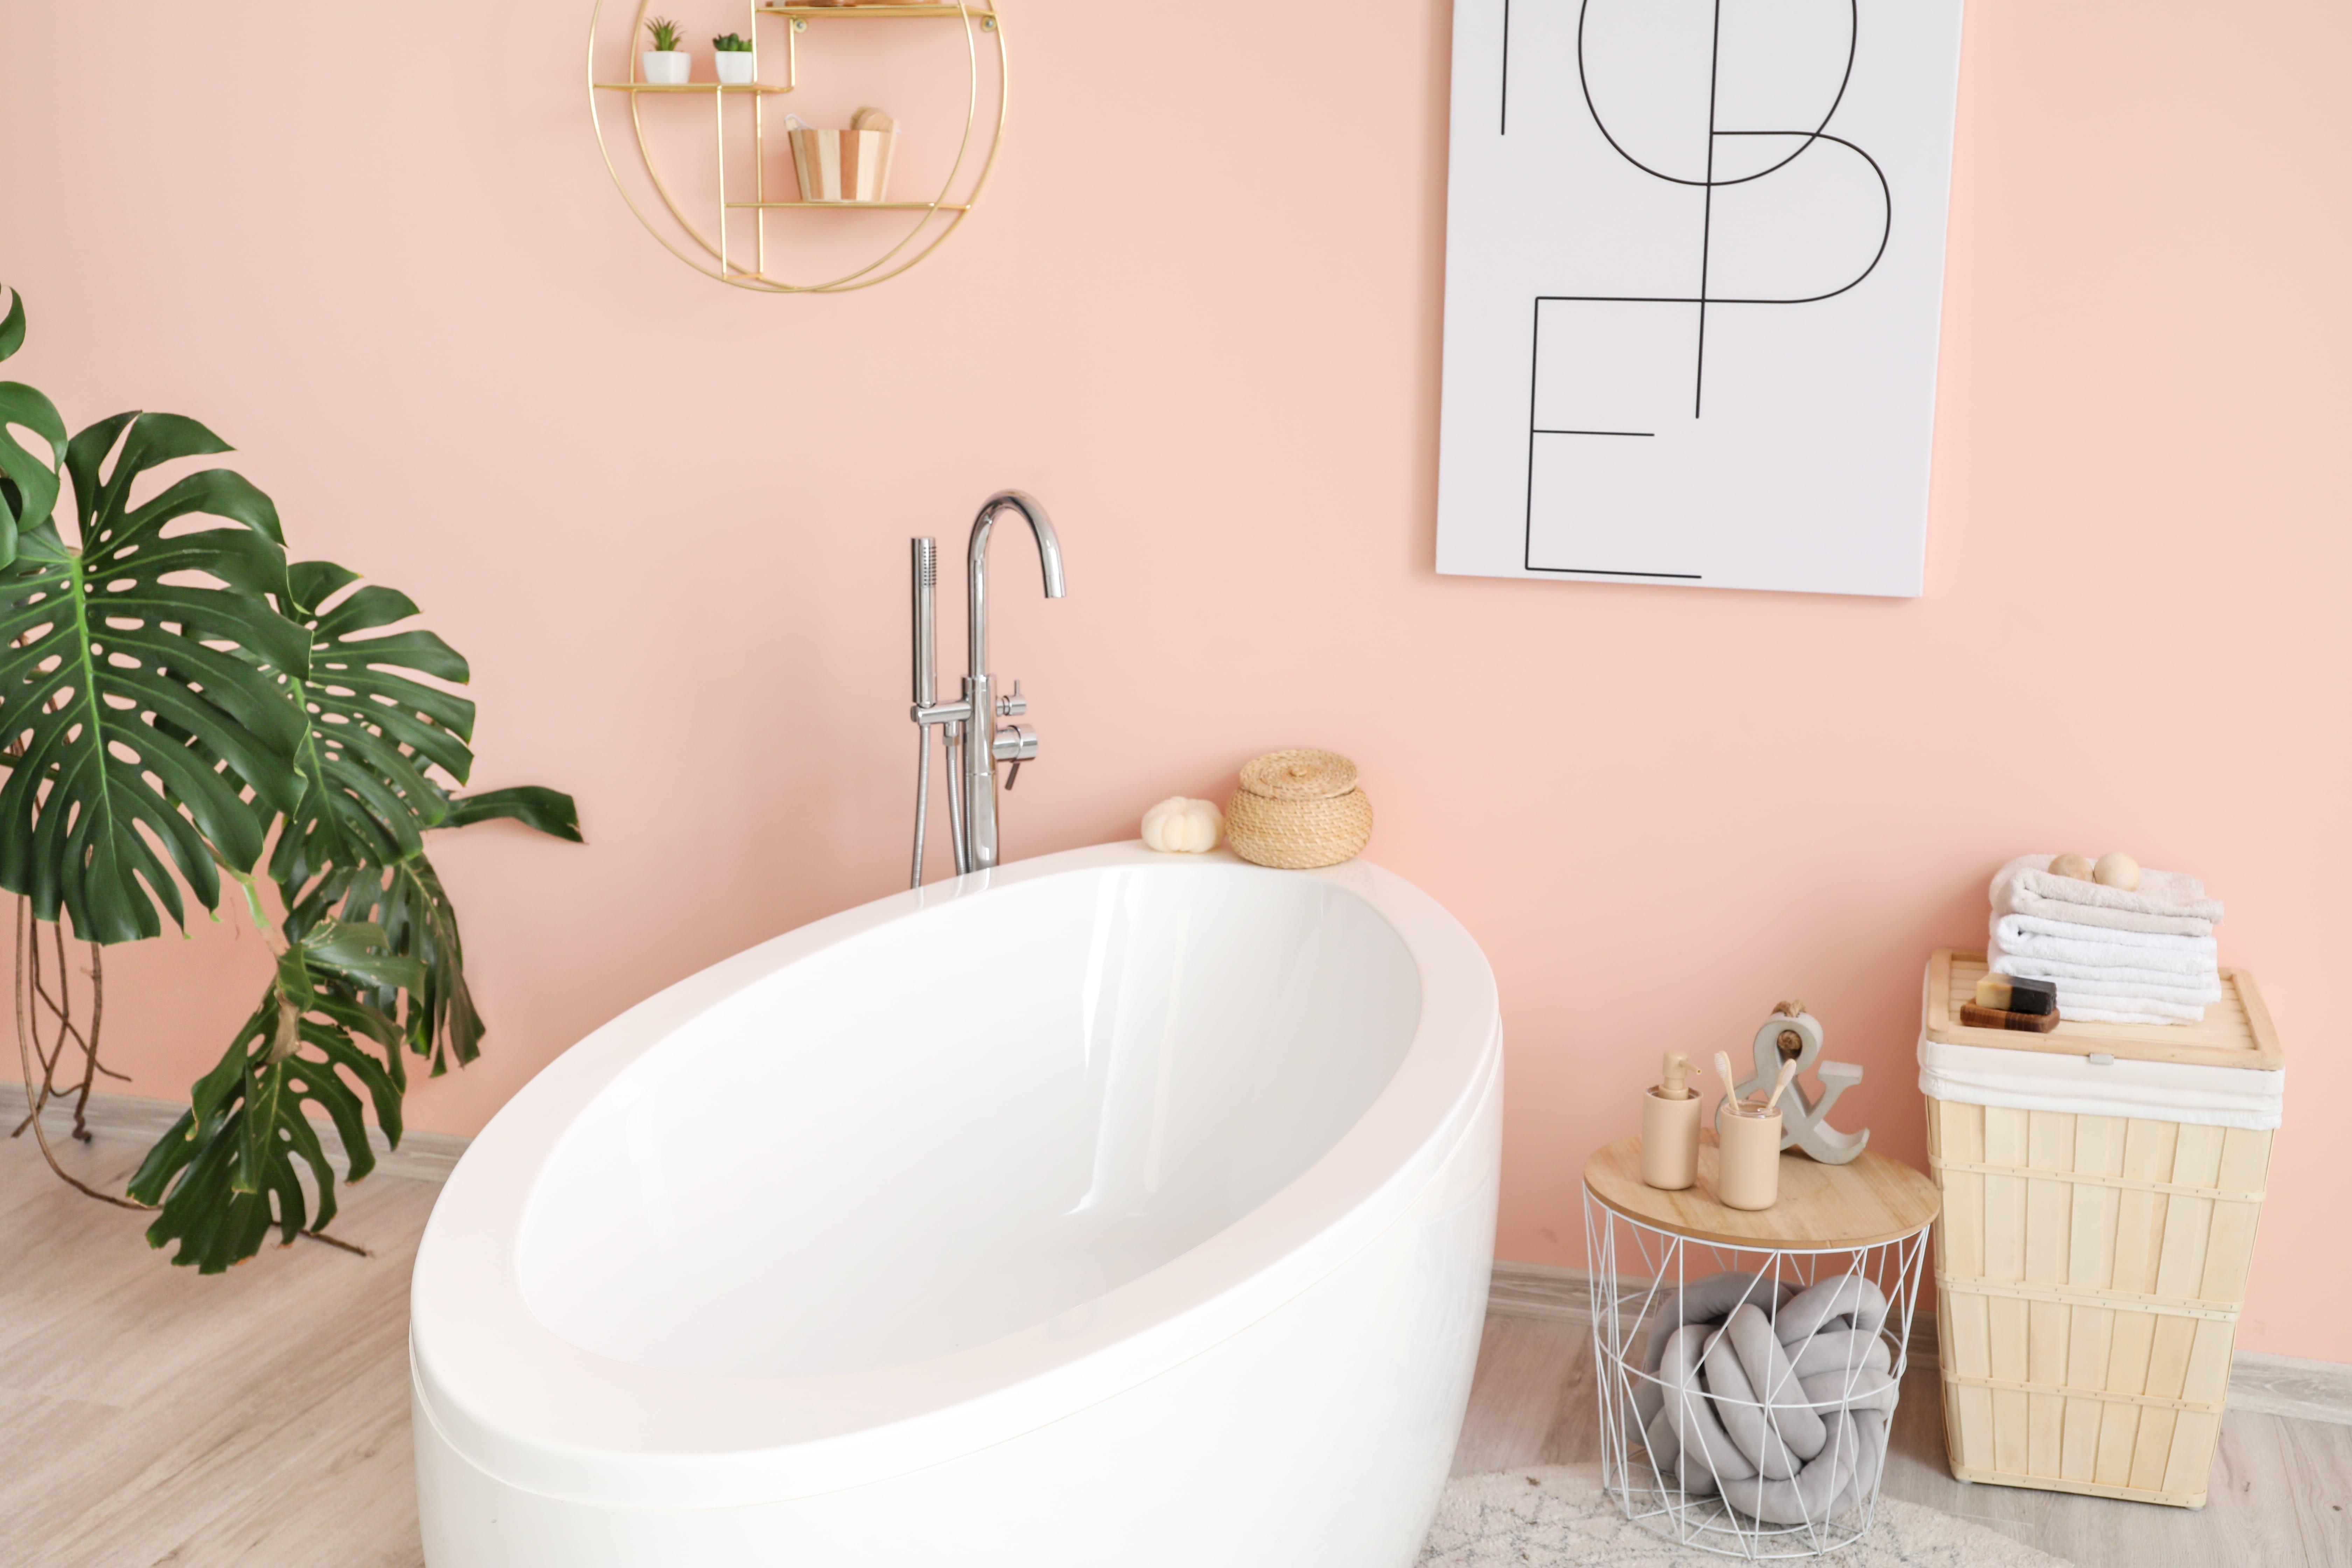 baignoire salle de bain rose